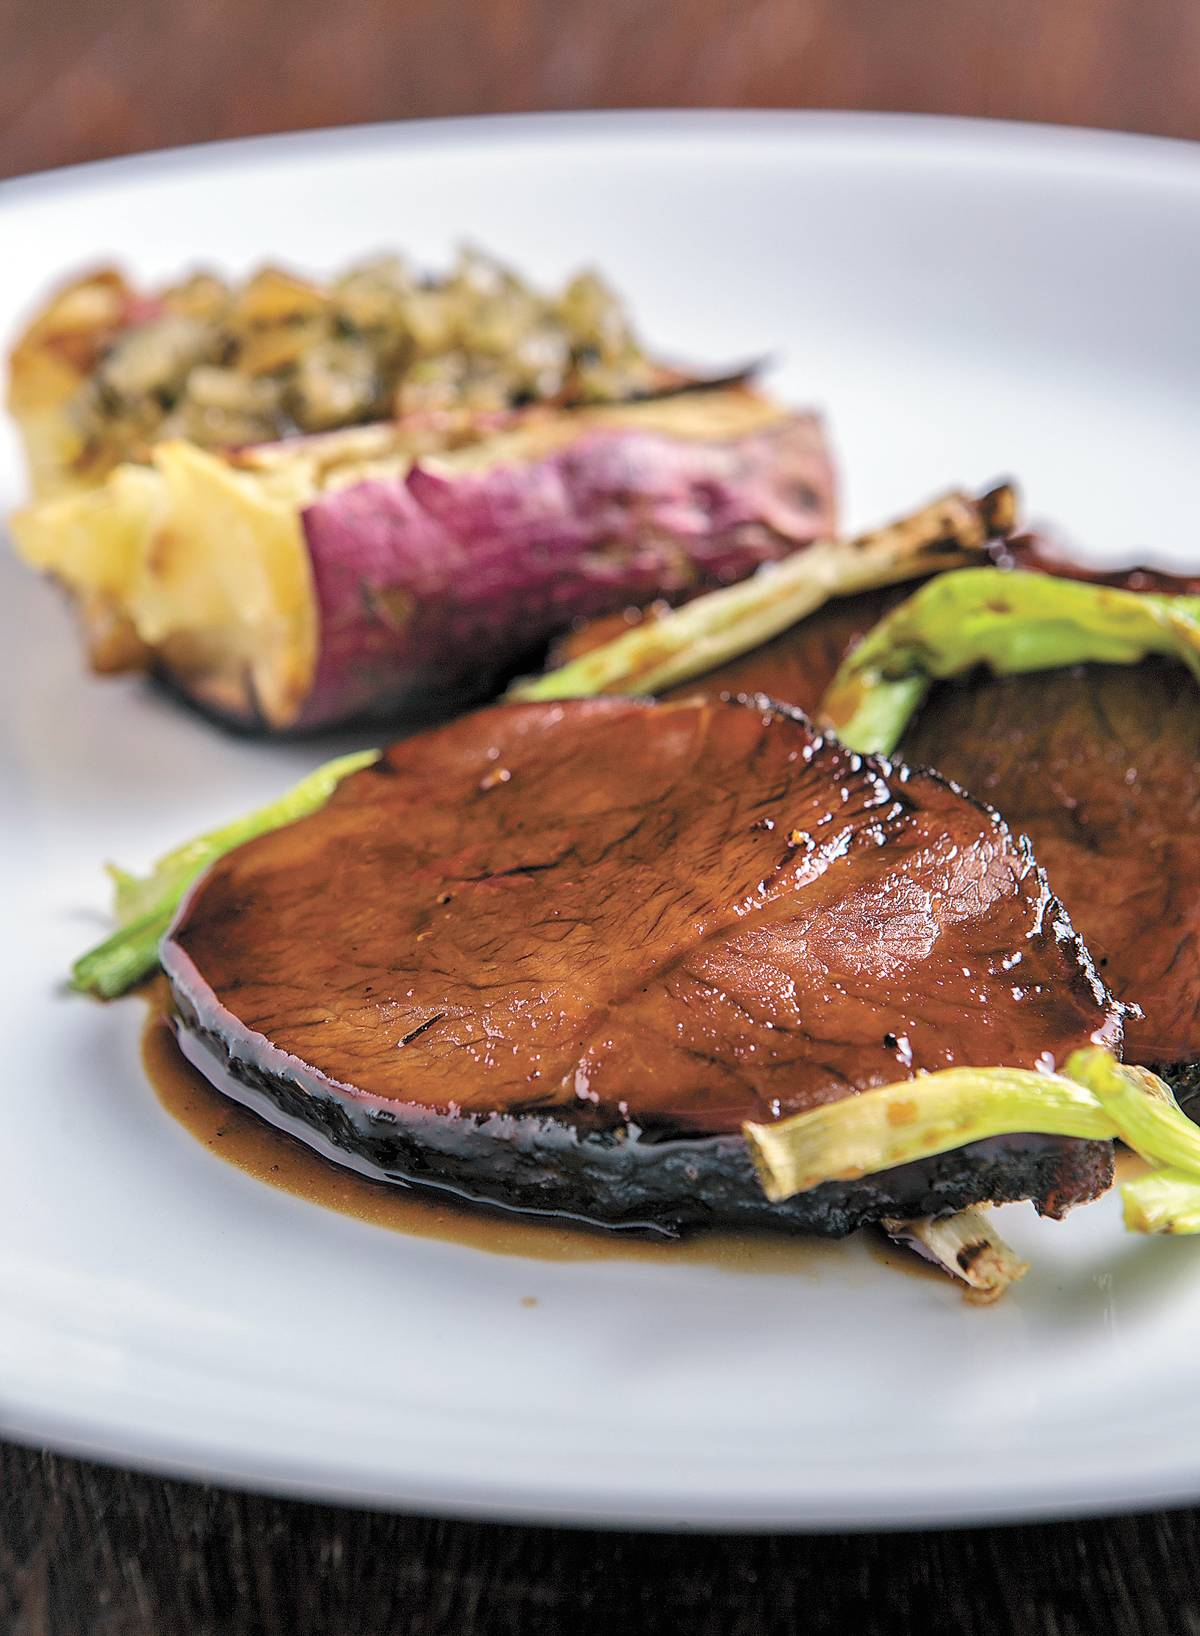 Peito bovino com batata doce na brasa e cebolina tostada | Ricardo D'Angelo/ Divulgação